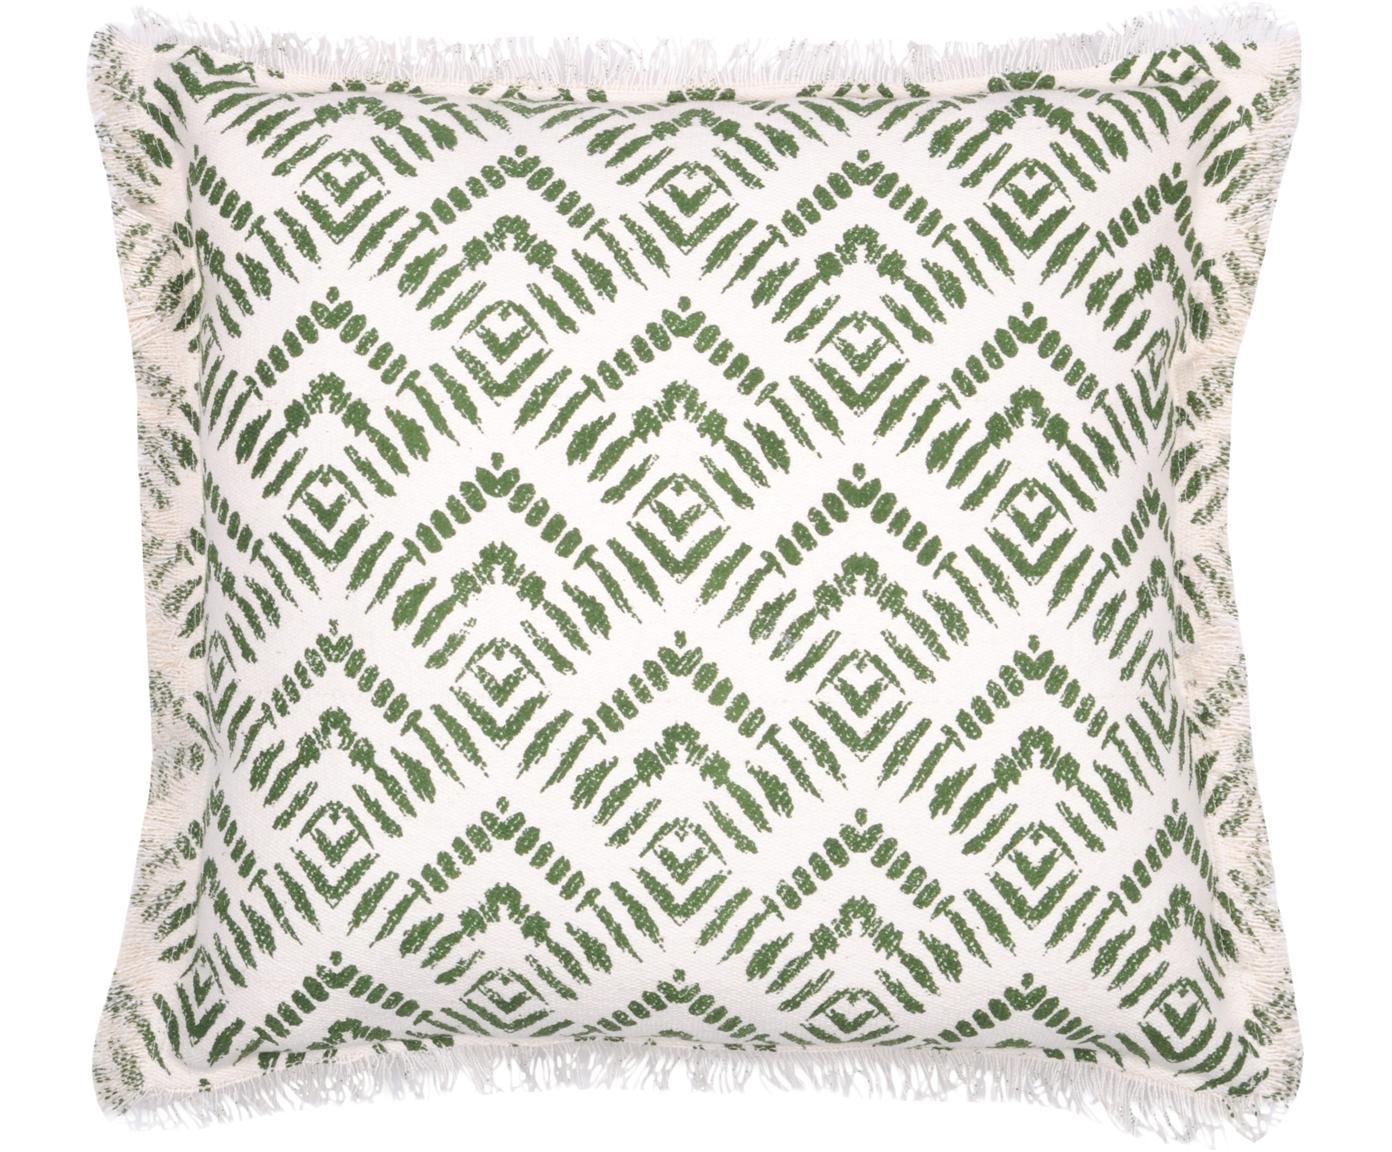 Kussen met patroon Sudda, met vulling, Katoen, Gebroken wit, groen, 45 x 45 cm